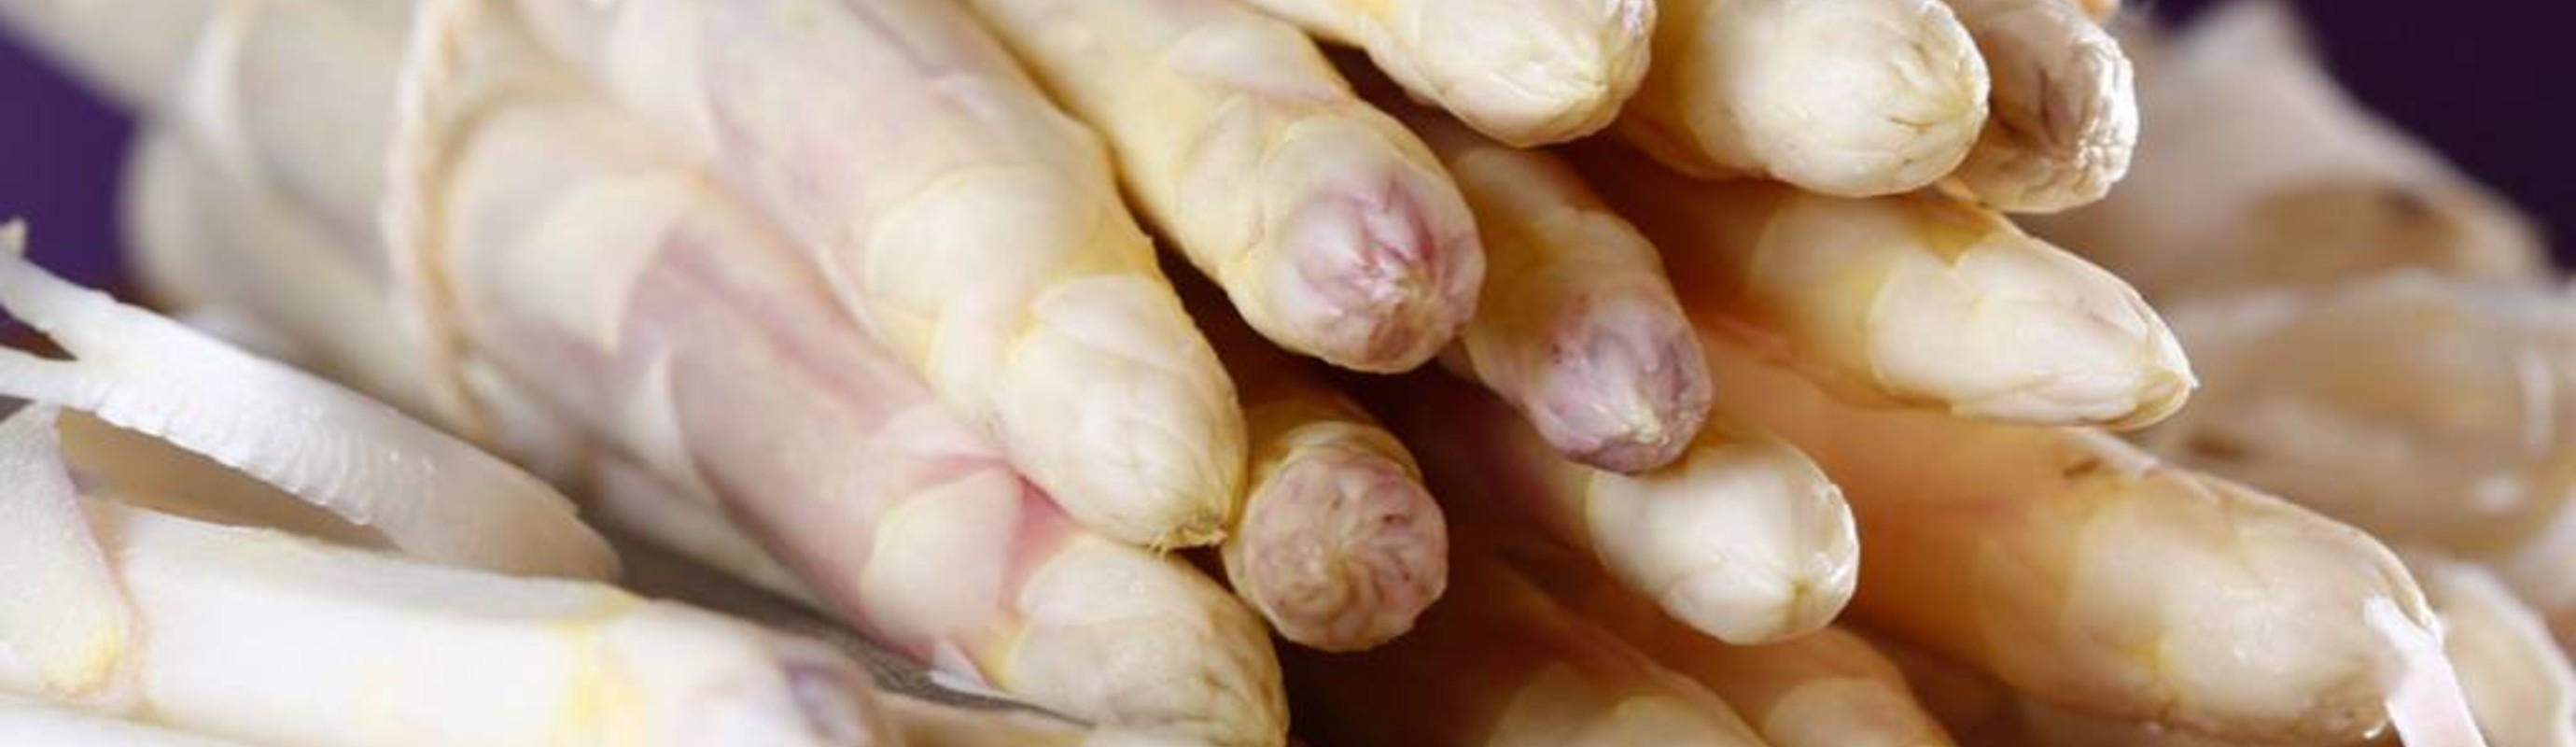 De eerste asperges zullen snel de kop op steken.